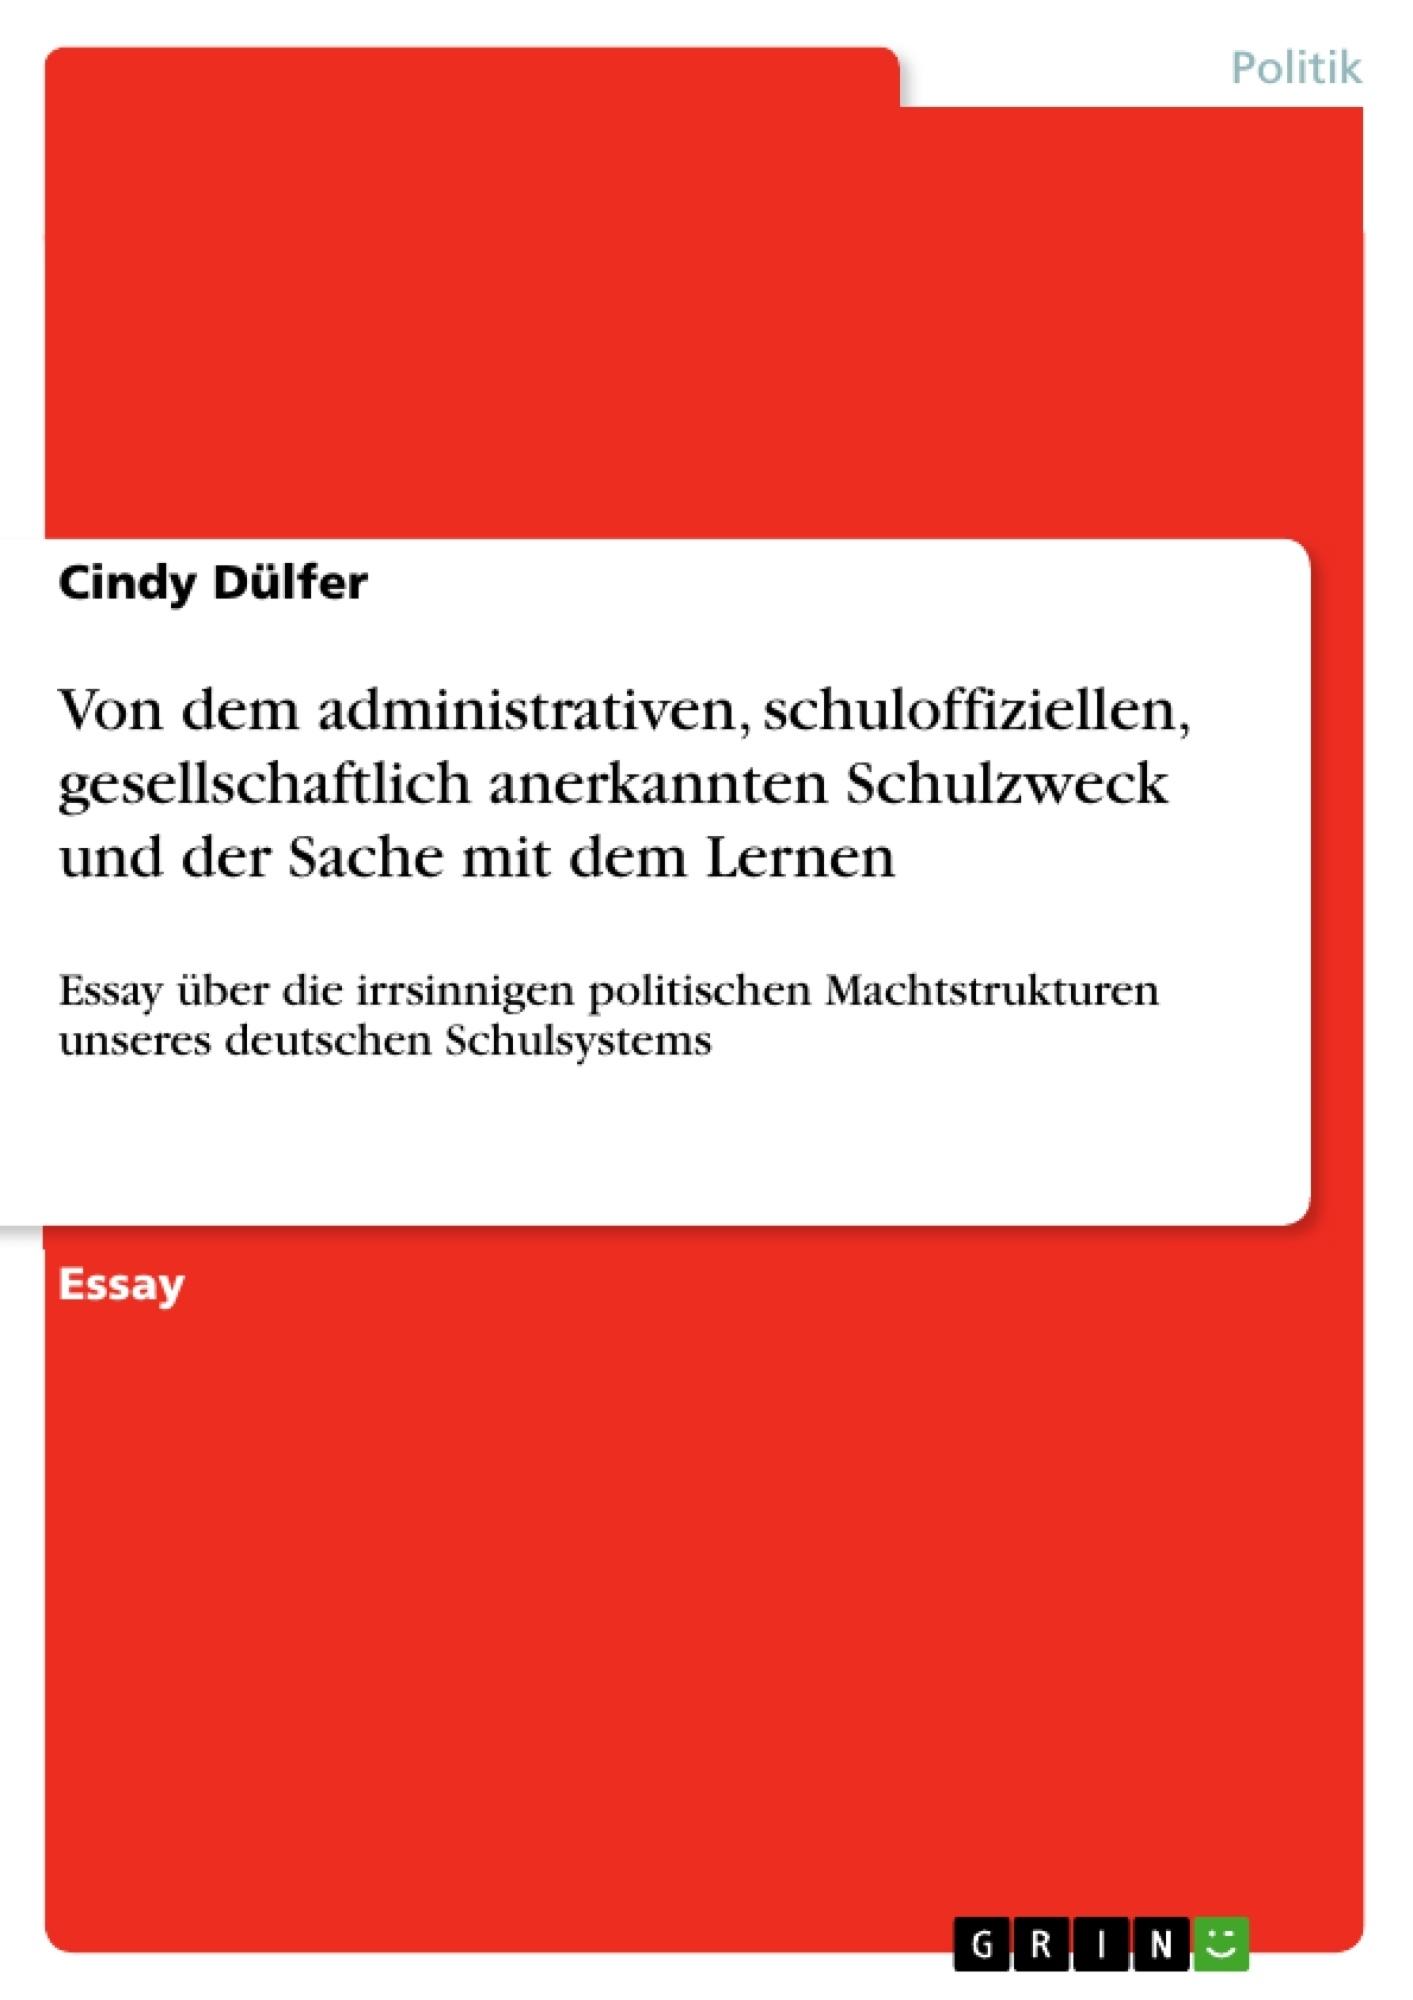 Titel: Von dem administrativen, schuloffiziellen, gesellschaftlich anerkannten Schulzweck und der Sache mit dem Lernen. Verwahrloste, undemokratische Lernkultur an deutschen Schulen?